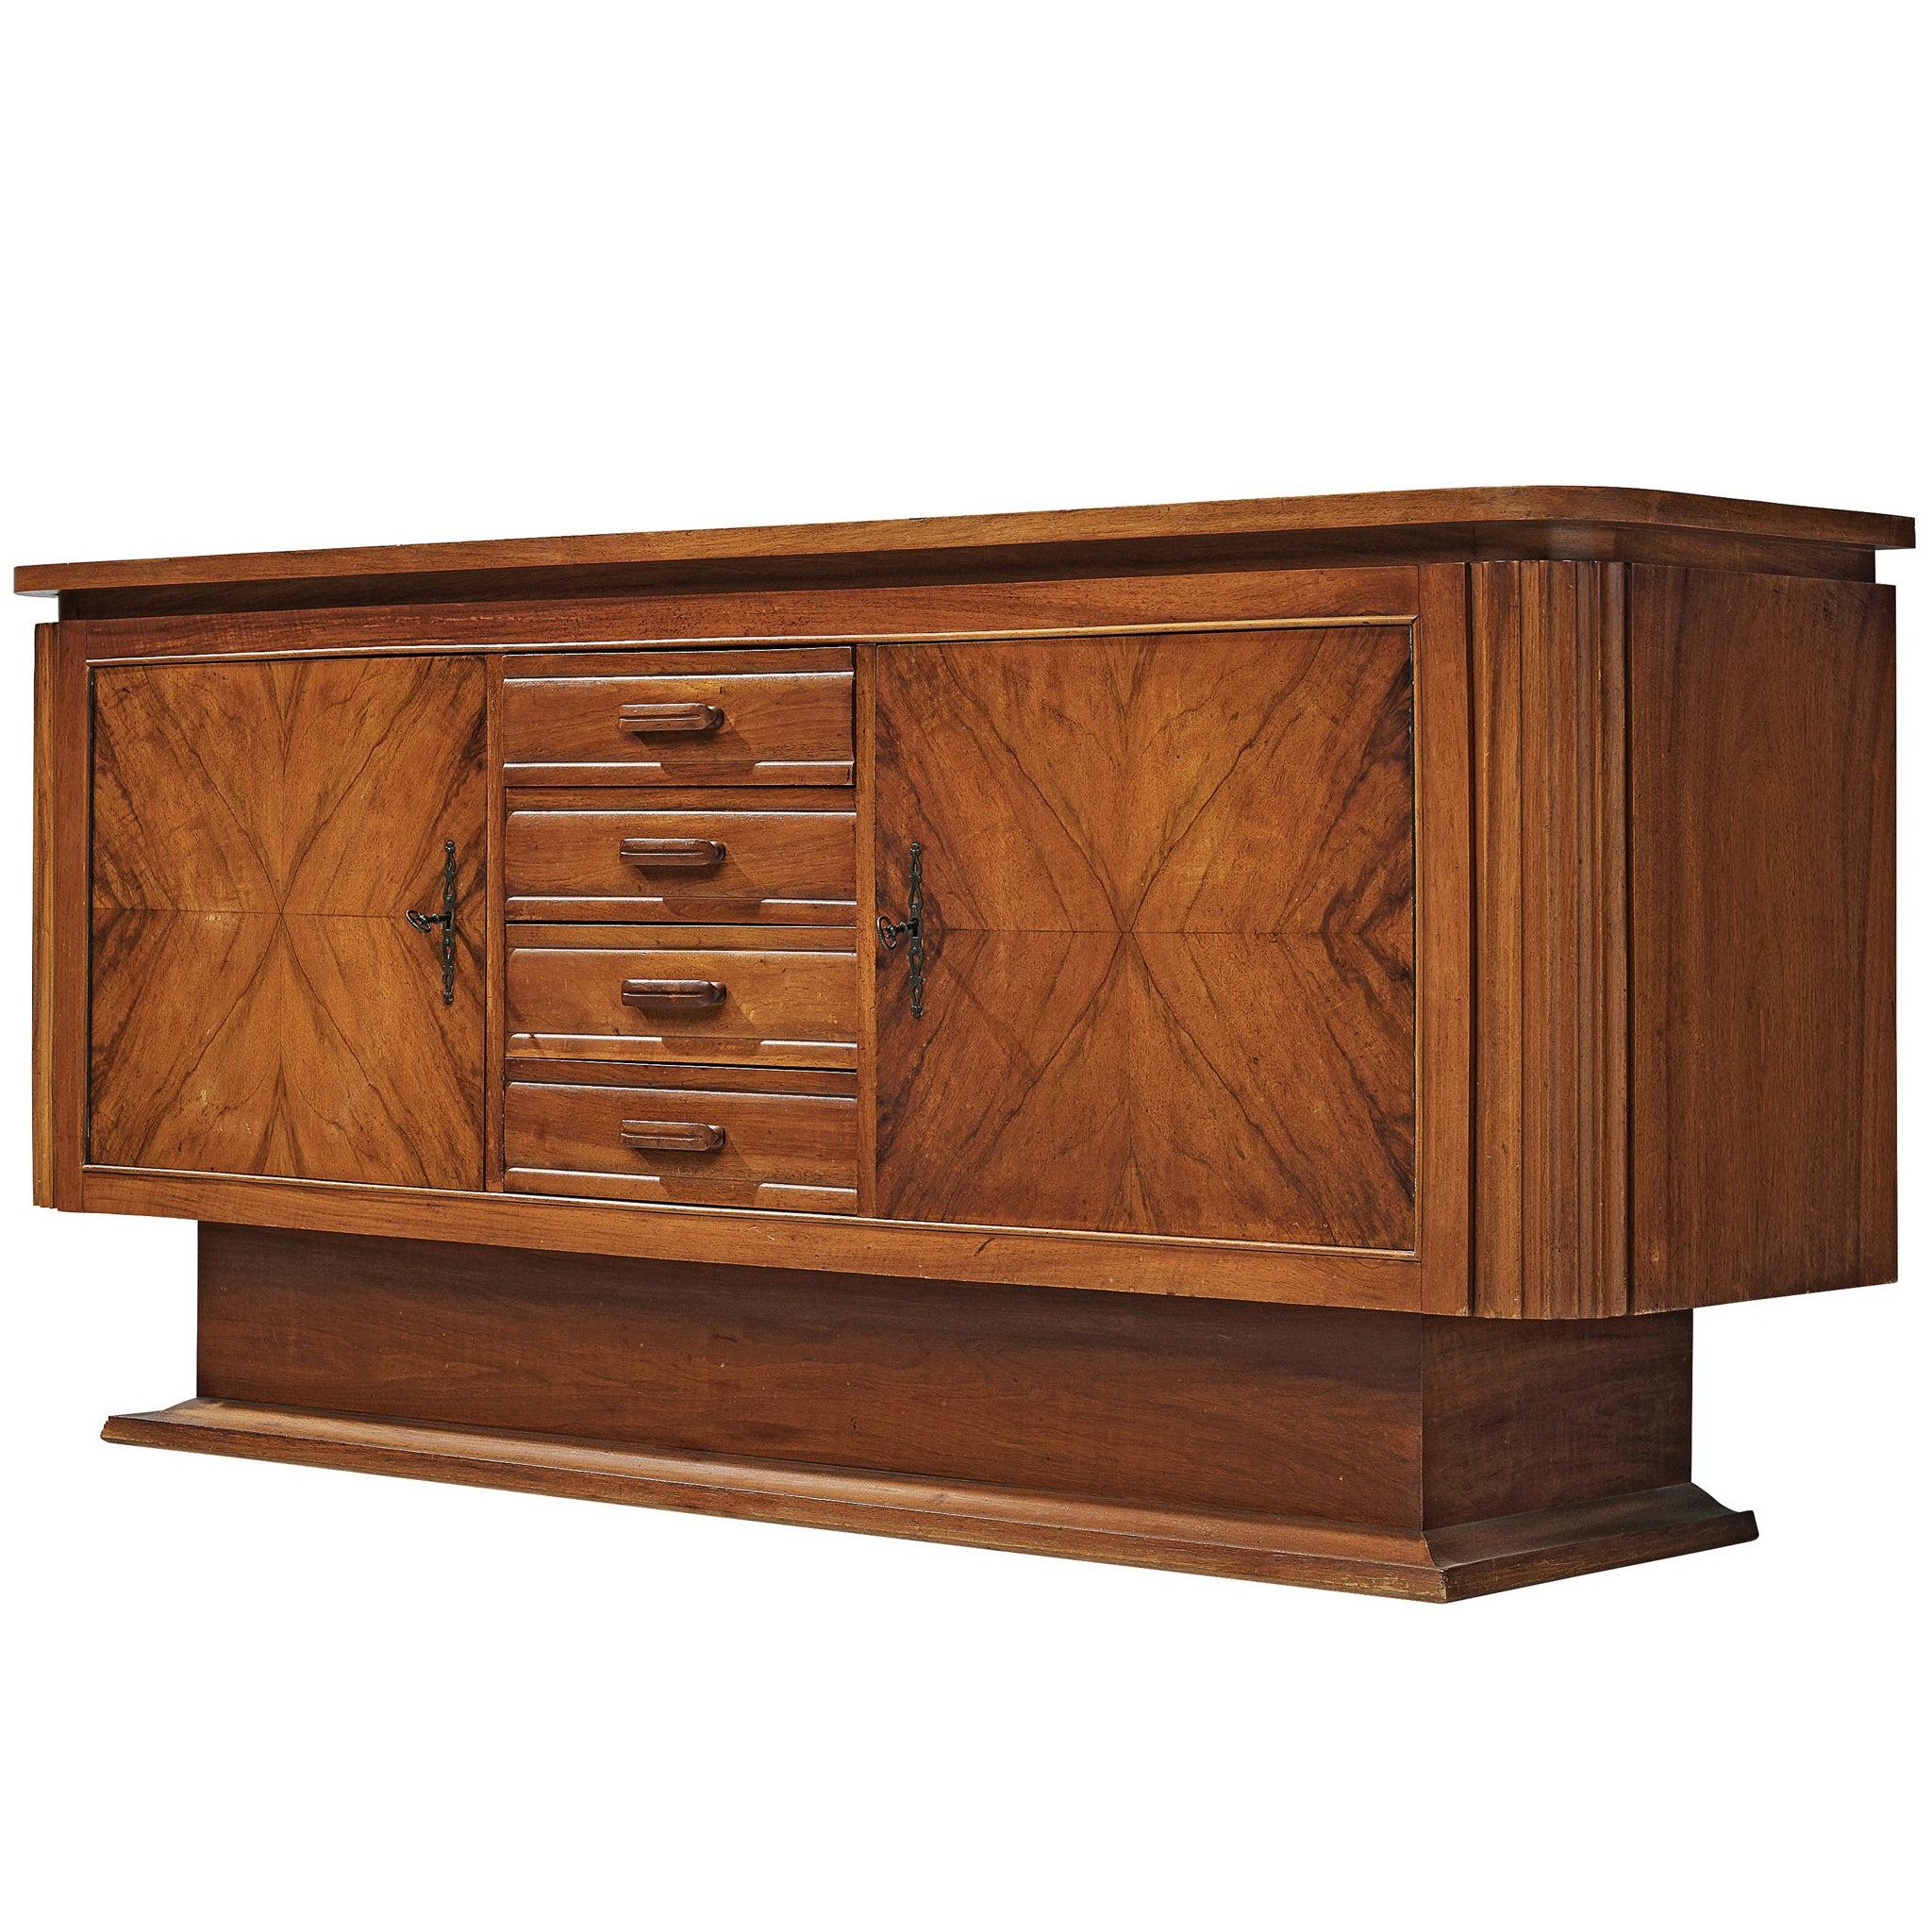 Art Deco Sideboard in Walnut